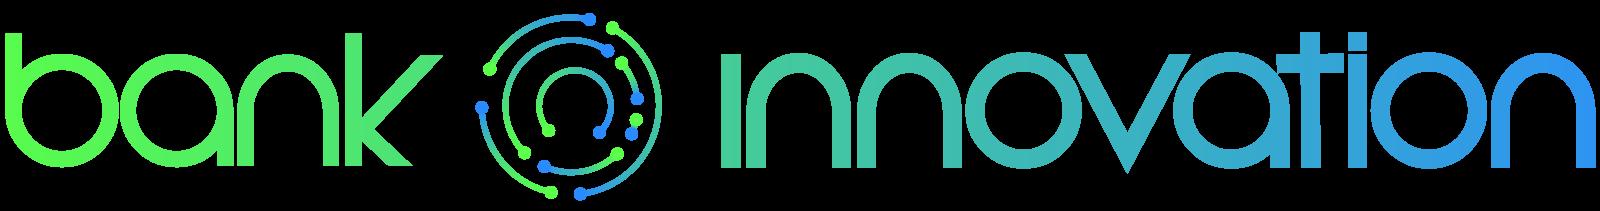 BI logo 2017